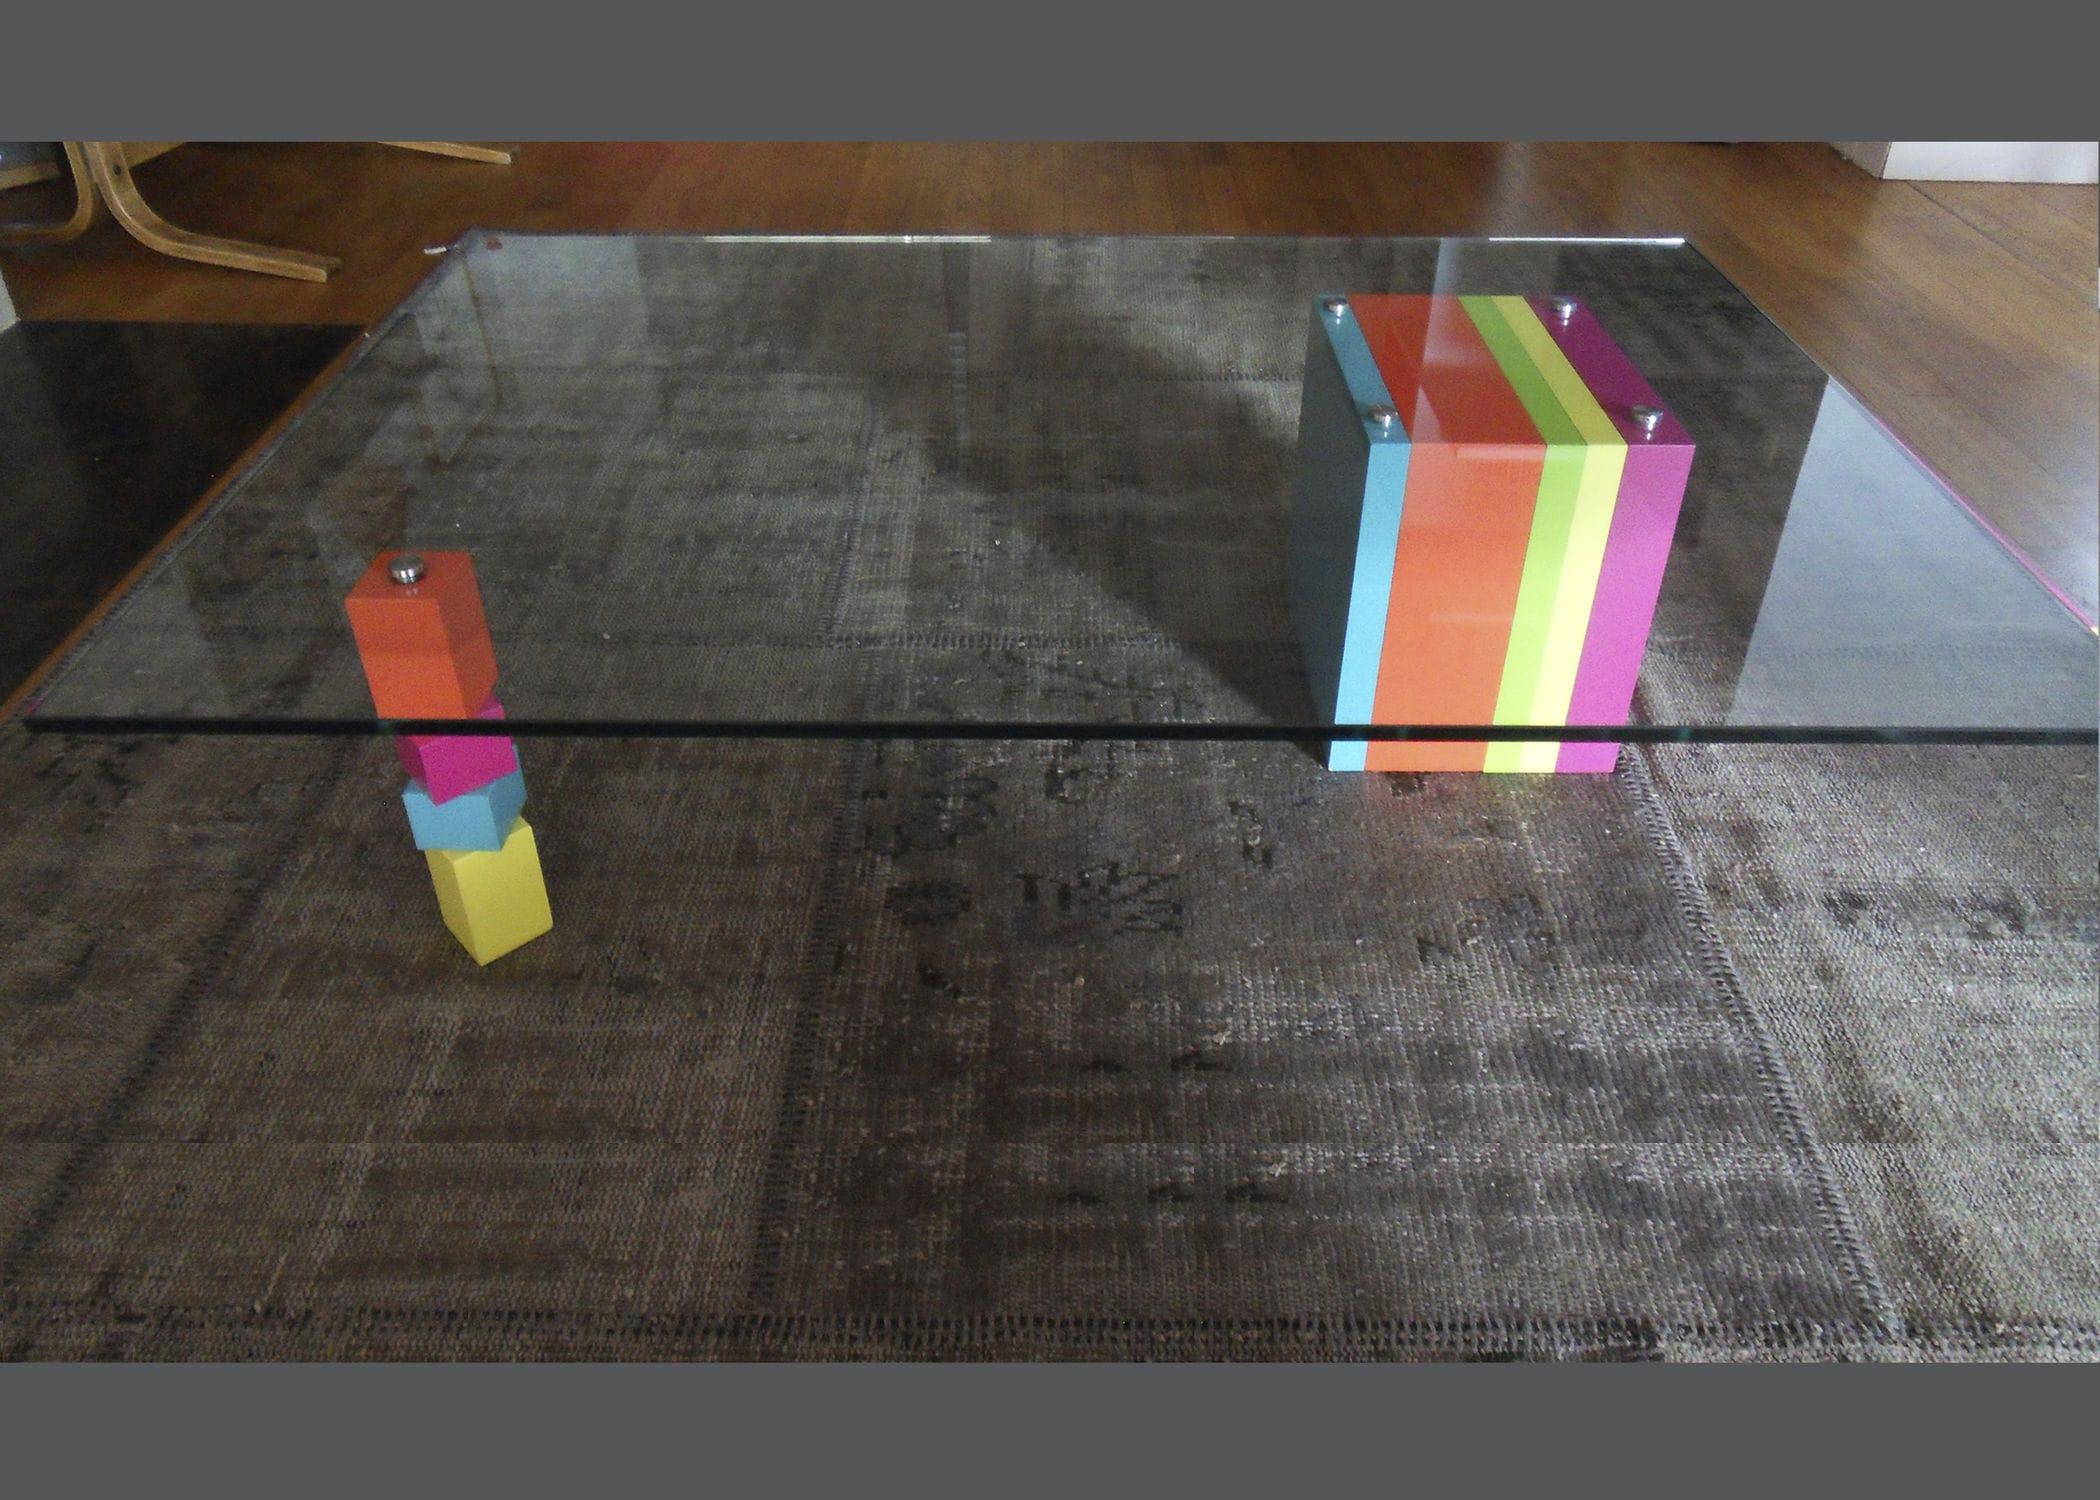 Table basse verre couleur tables basses carrées en bois   Danse moreau f12544b54cf3